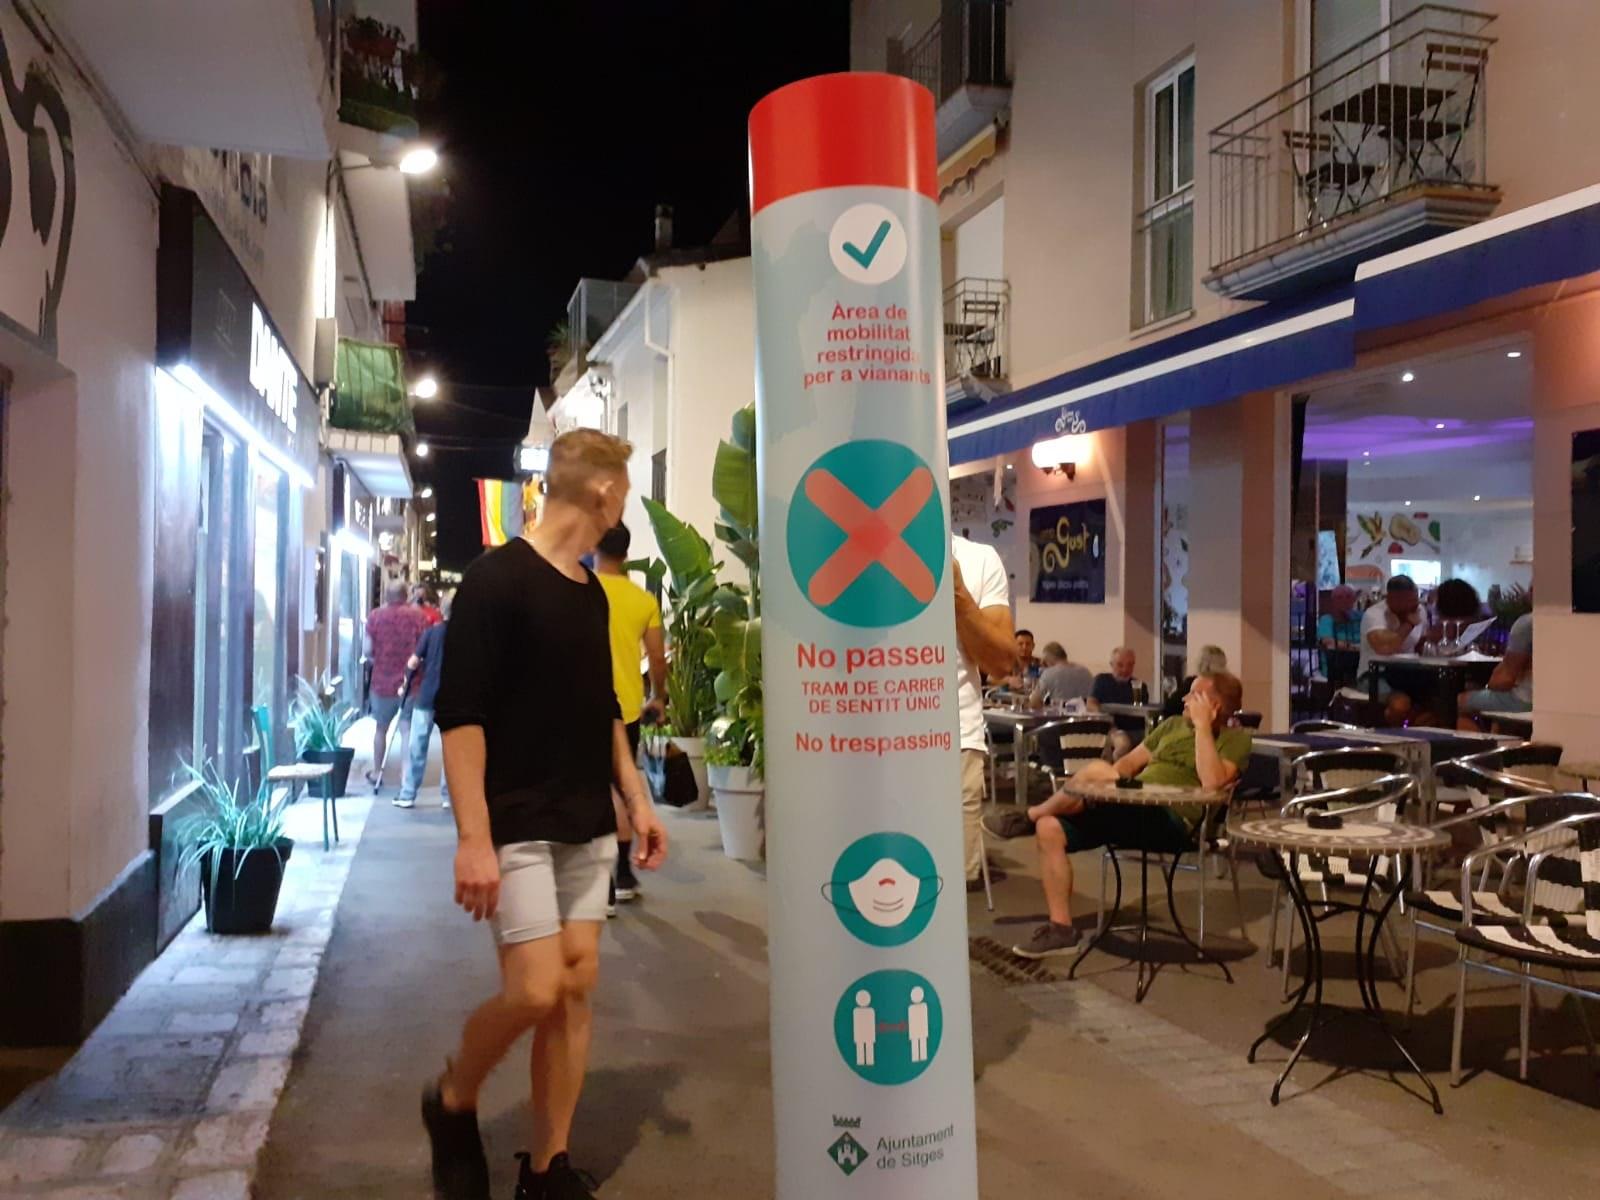 L'Ajuntament i l'oci nocturn estudien noves mesures per abordar l'aglomeració de persones al carrer de forma conjunta